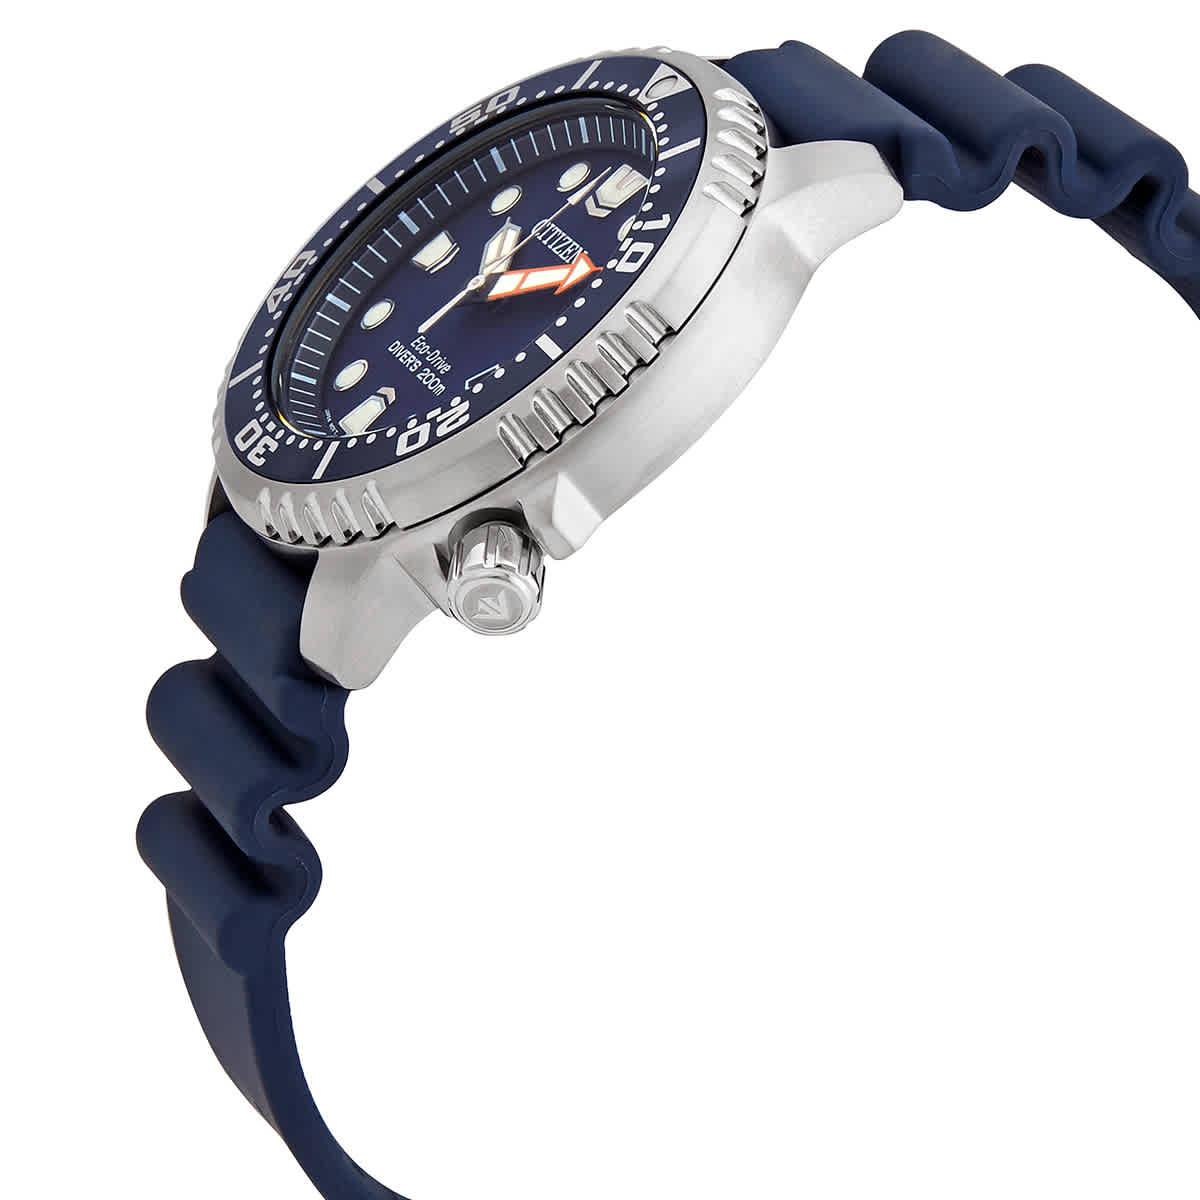 Citizen-Promaster-Professional-Diver-Men-039-s-Watch-Choose-color